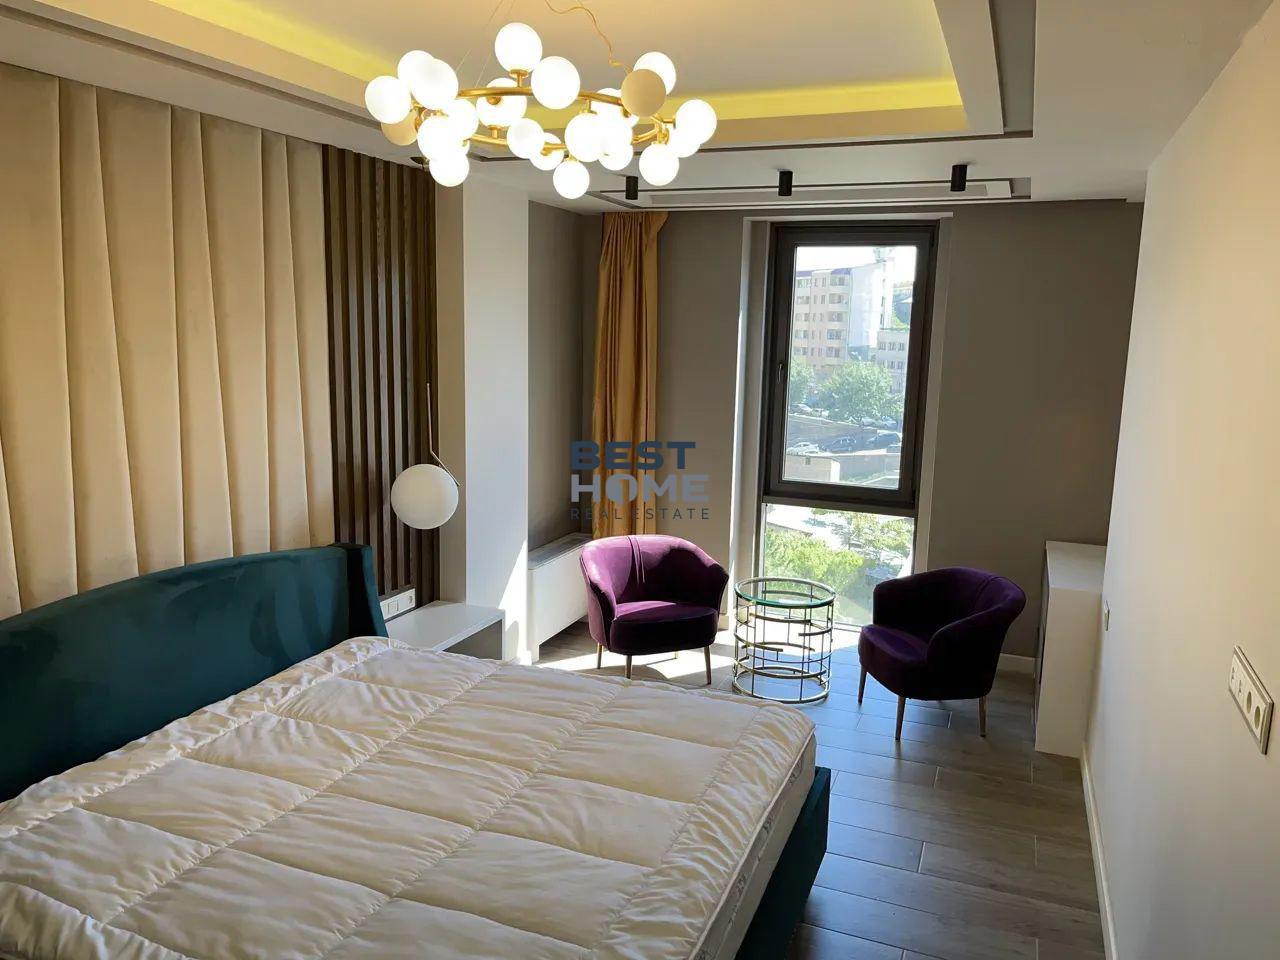 Գնեք տուն կամ բնակարան Երևանում, ինչպե՞ս գտնել լավագույն տարբերակը: Ներկայումս անշարժ գույքի վերաբերյալ շատ տարբեր առաջարկներ կան: